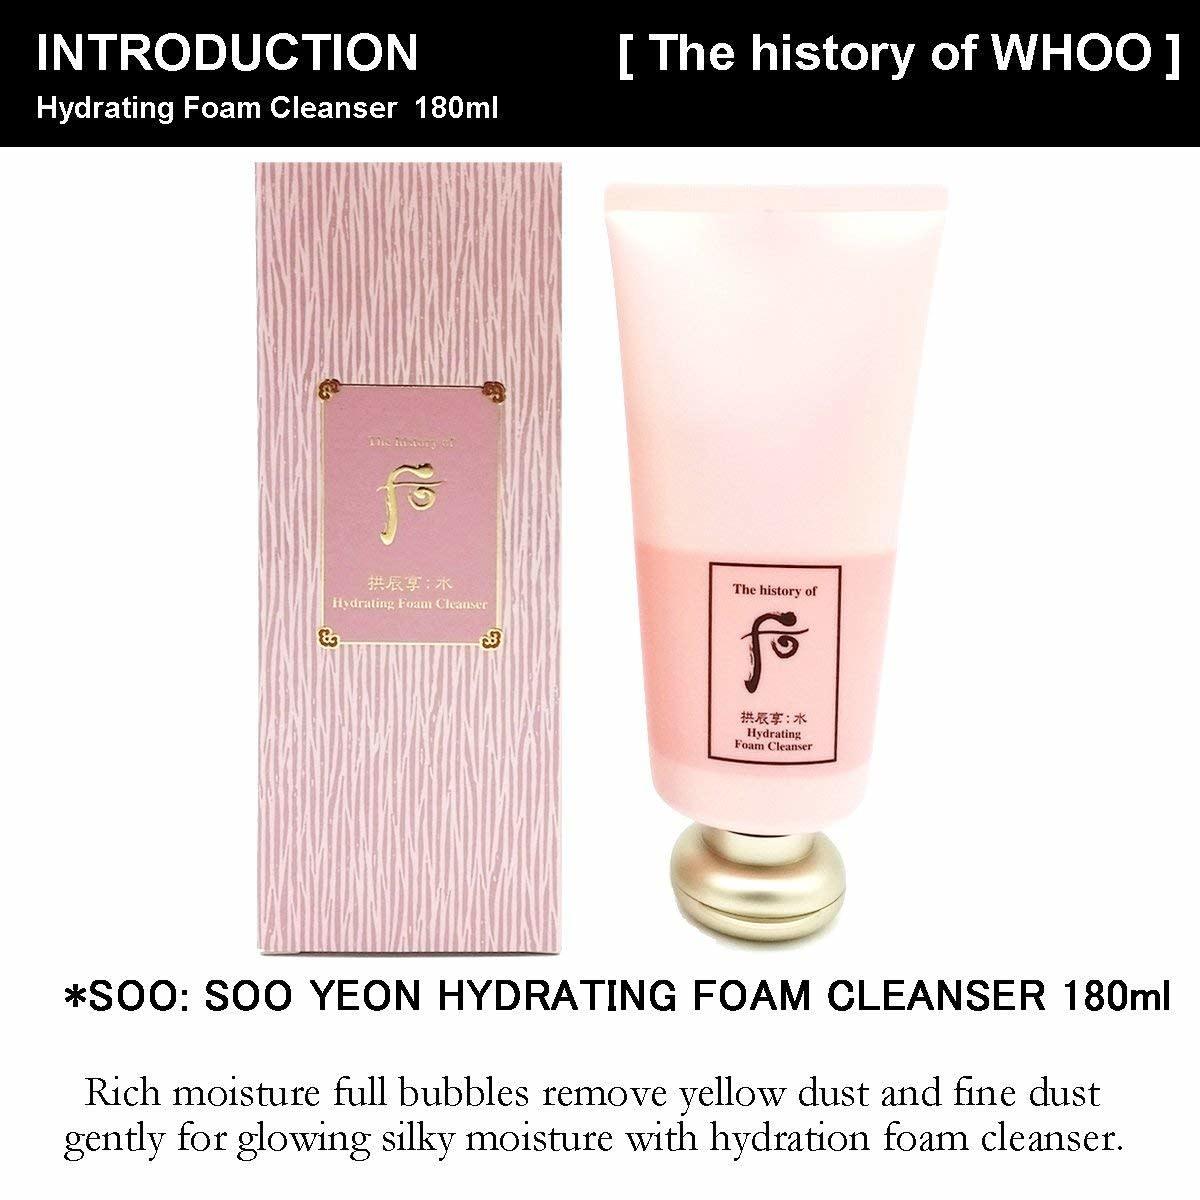 The History of Whoo WH GJH SOO SOO YEON HYDRATING FOAM CLEANSER 180ML - 51104129  - Sữa Rửa Mặt Dưỡng Ẩm Mịn Da Whoo Hồng 180ml - Dịu nhẹ, không gây kích ứng